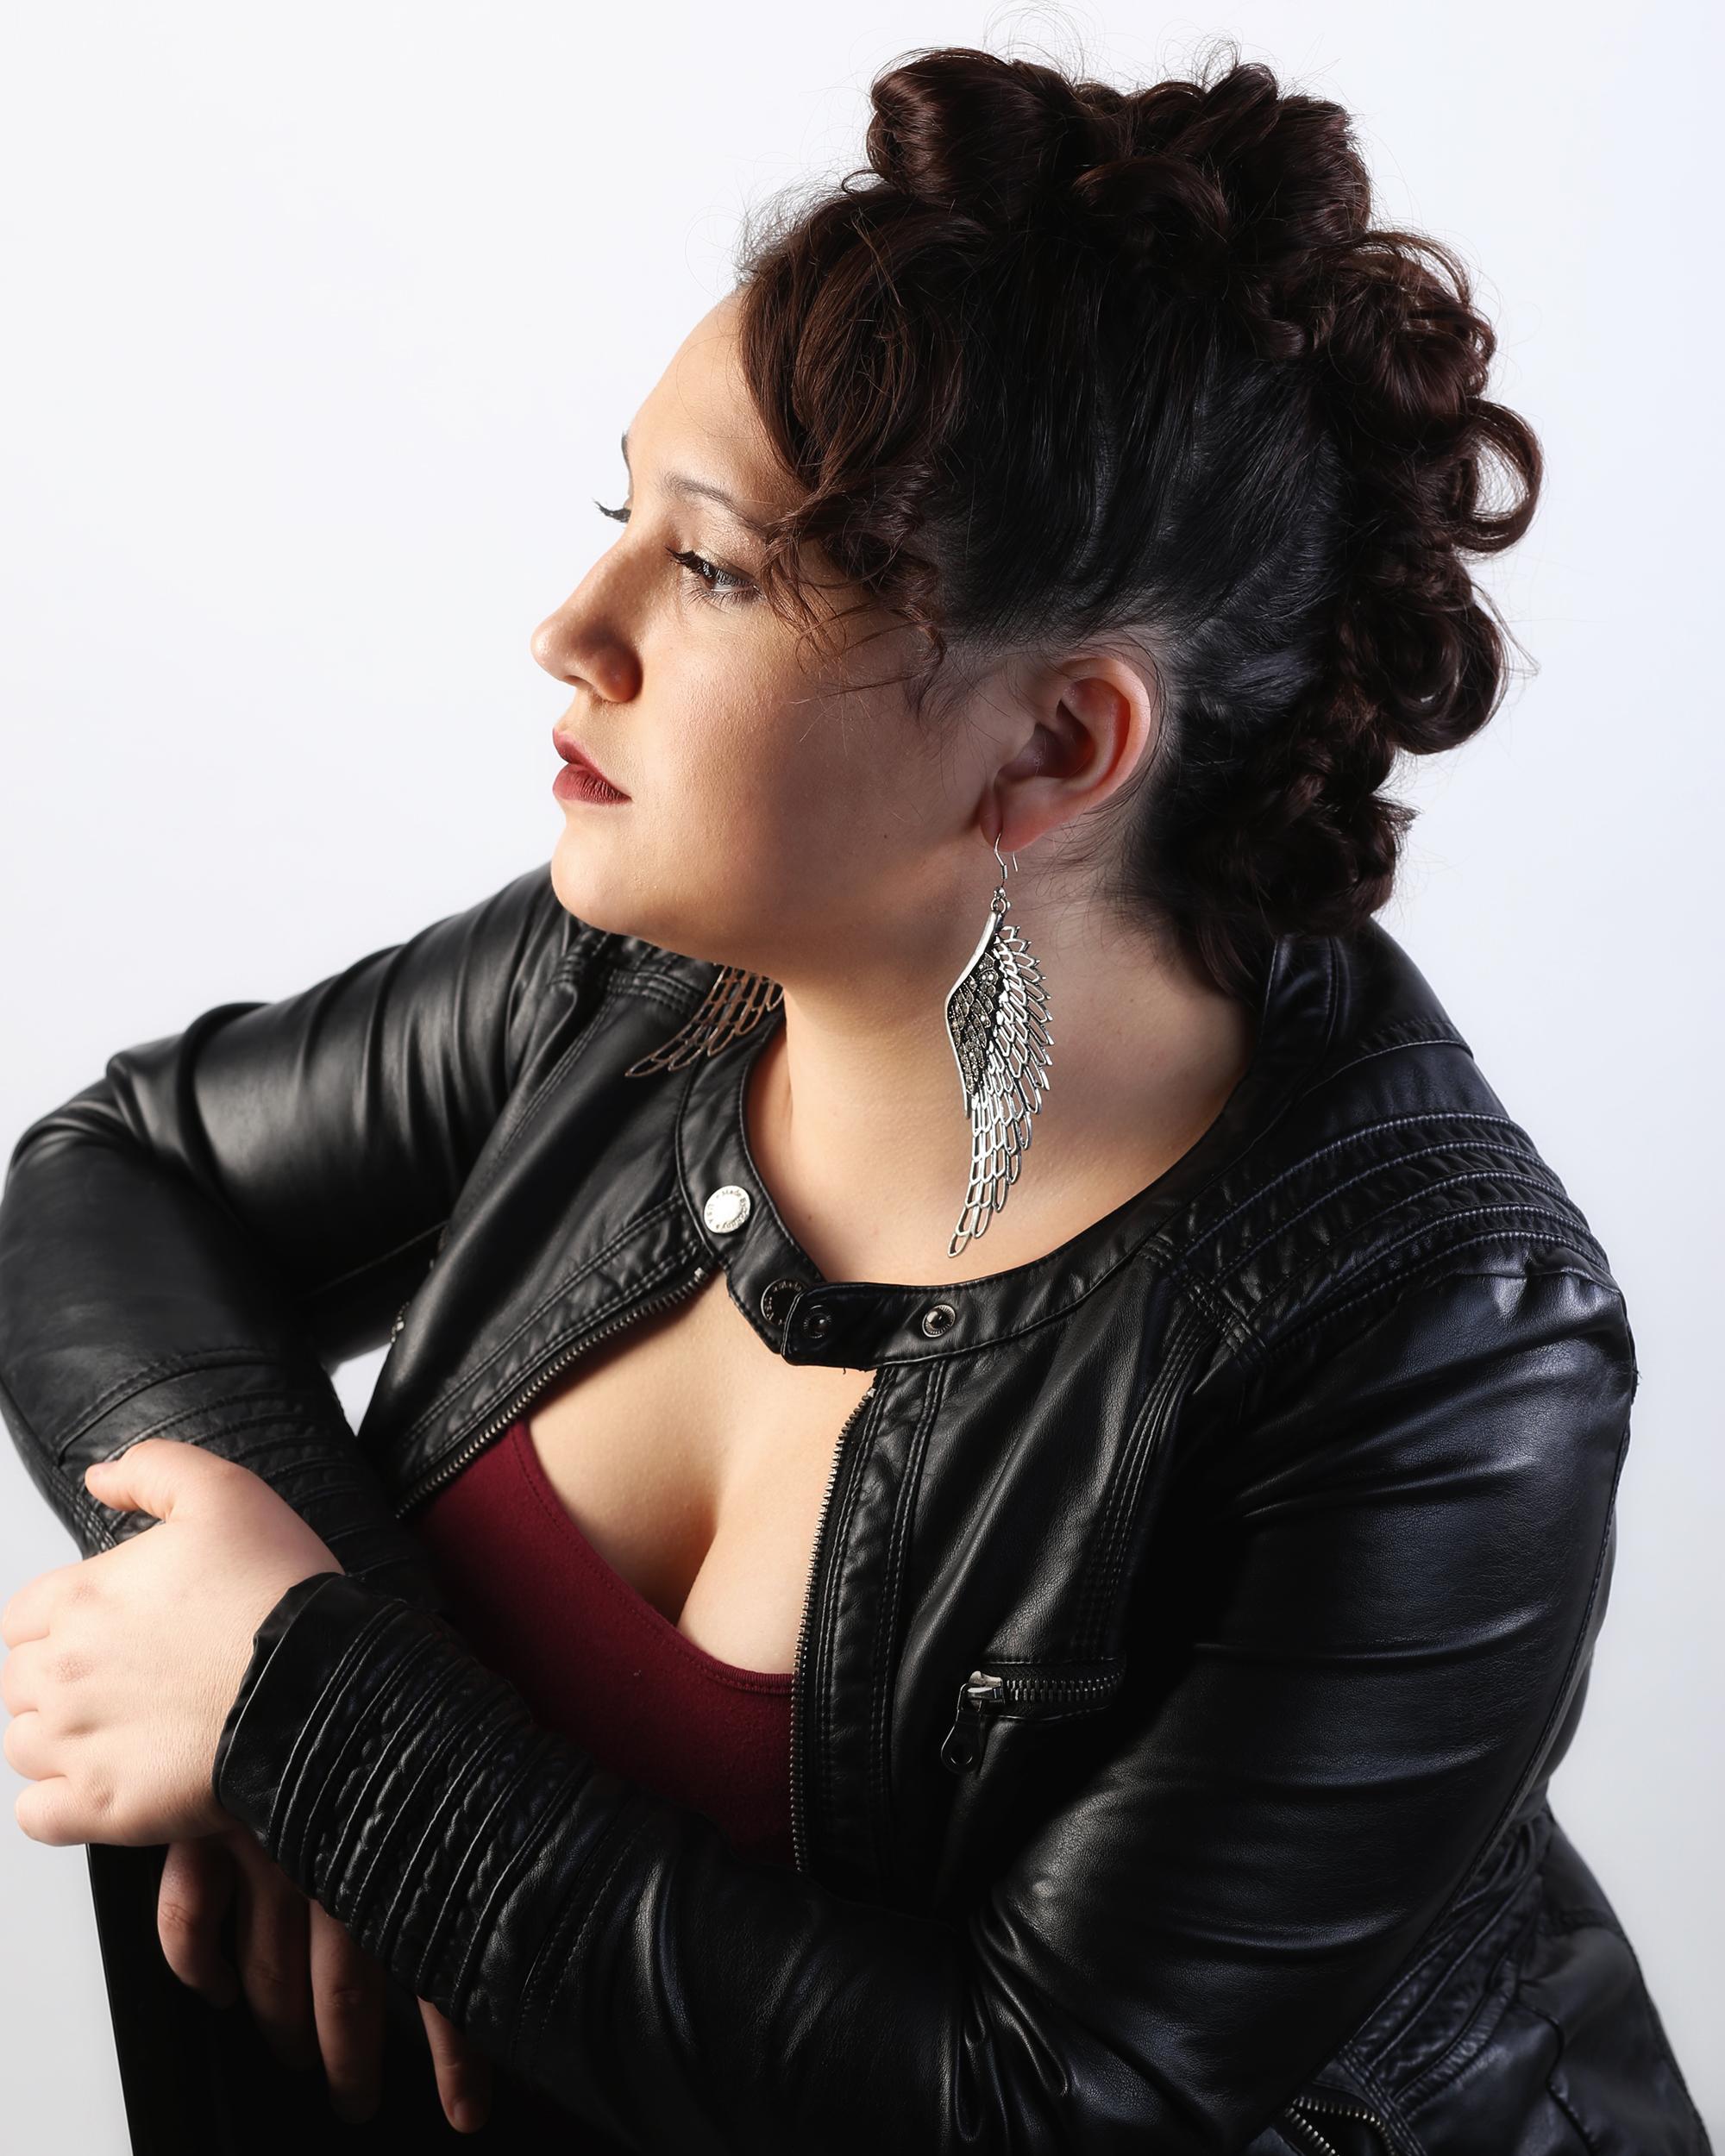 Aliyah Romero